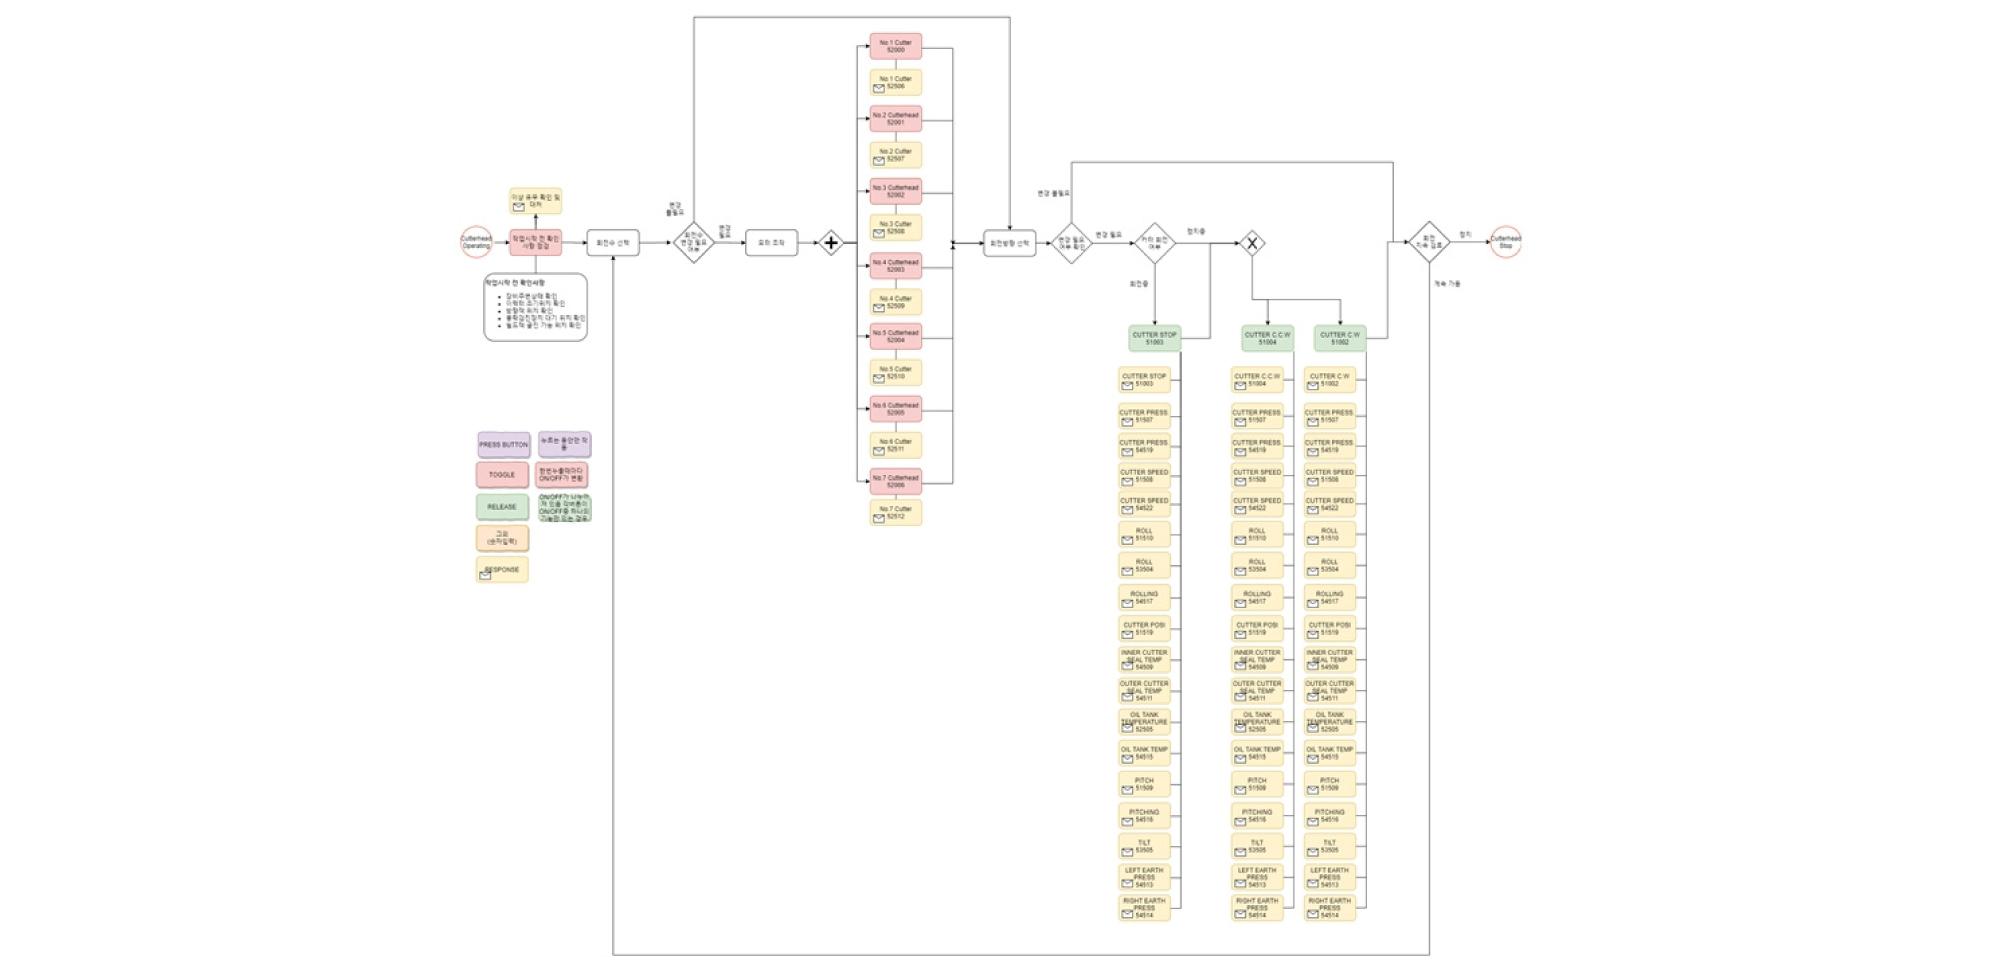 http://static.apub.kr/journalsite/sites/ksrm/2020-030-05/N0120300501/images/ksrm_30_05_01_F14.jpg